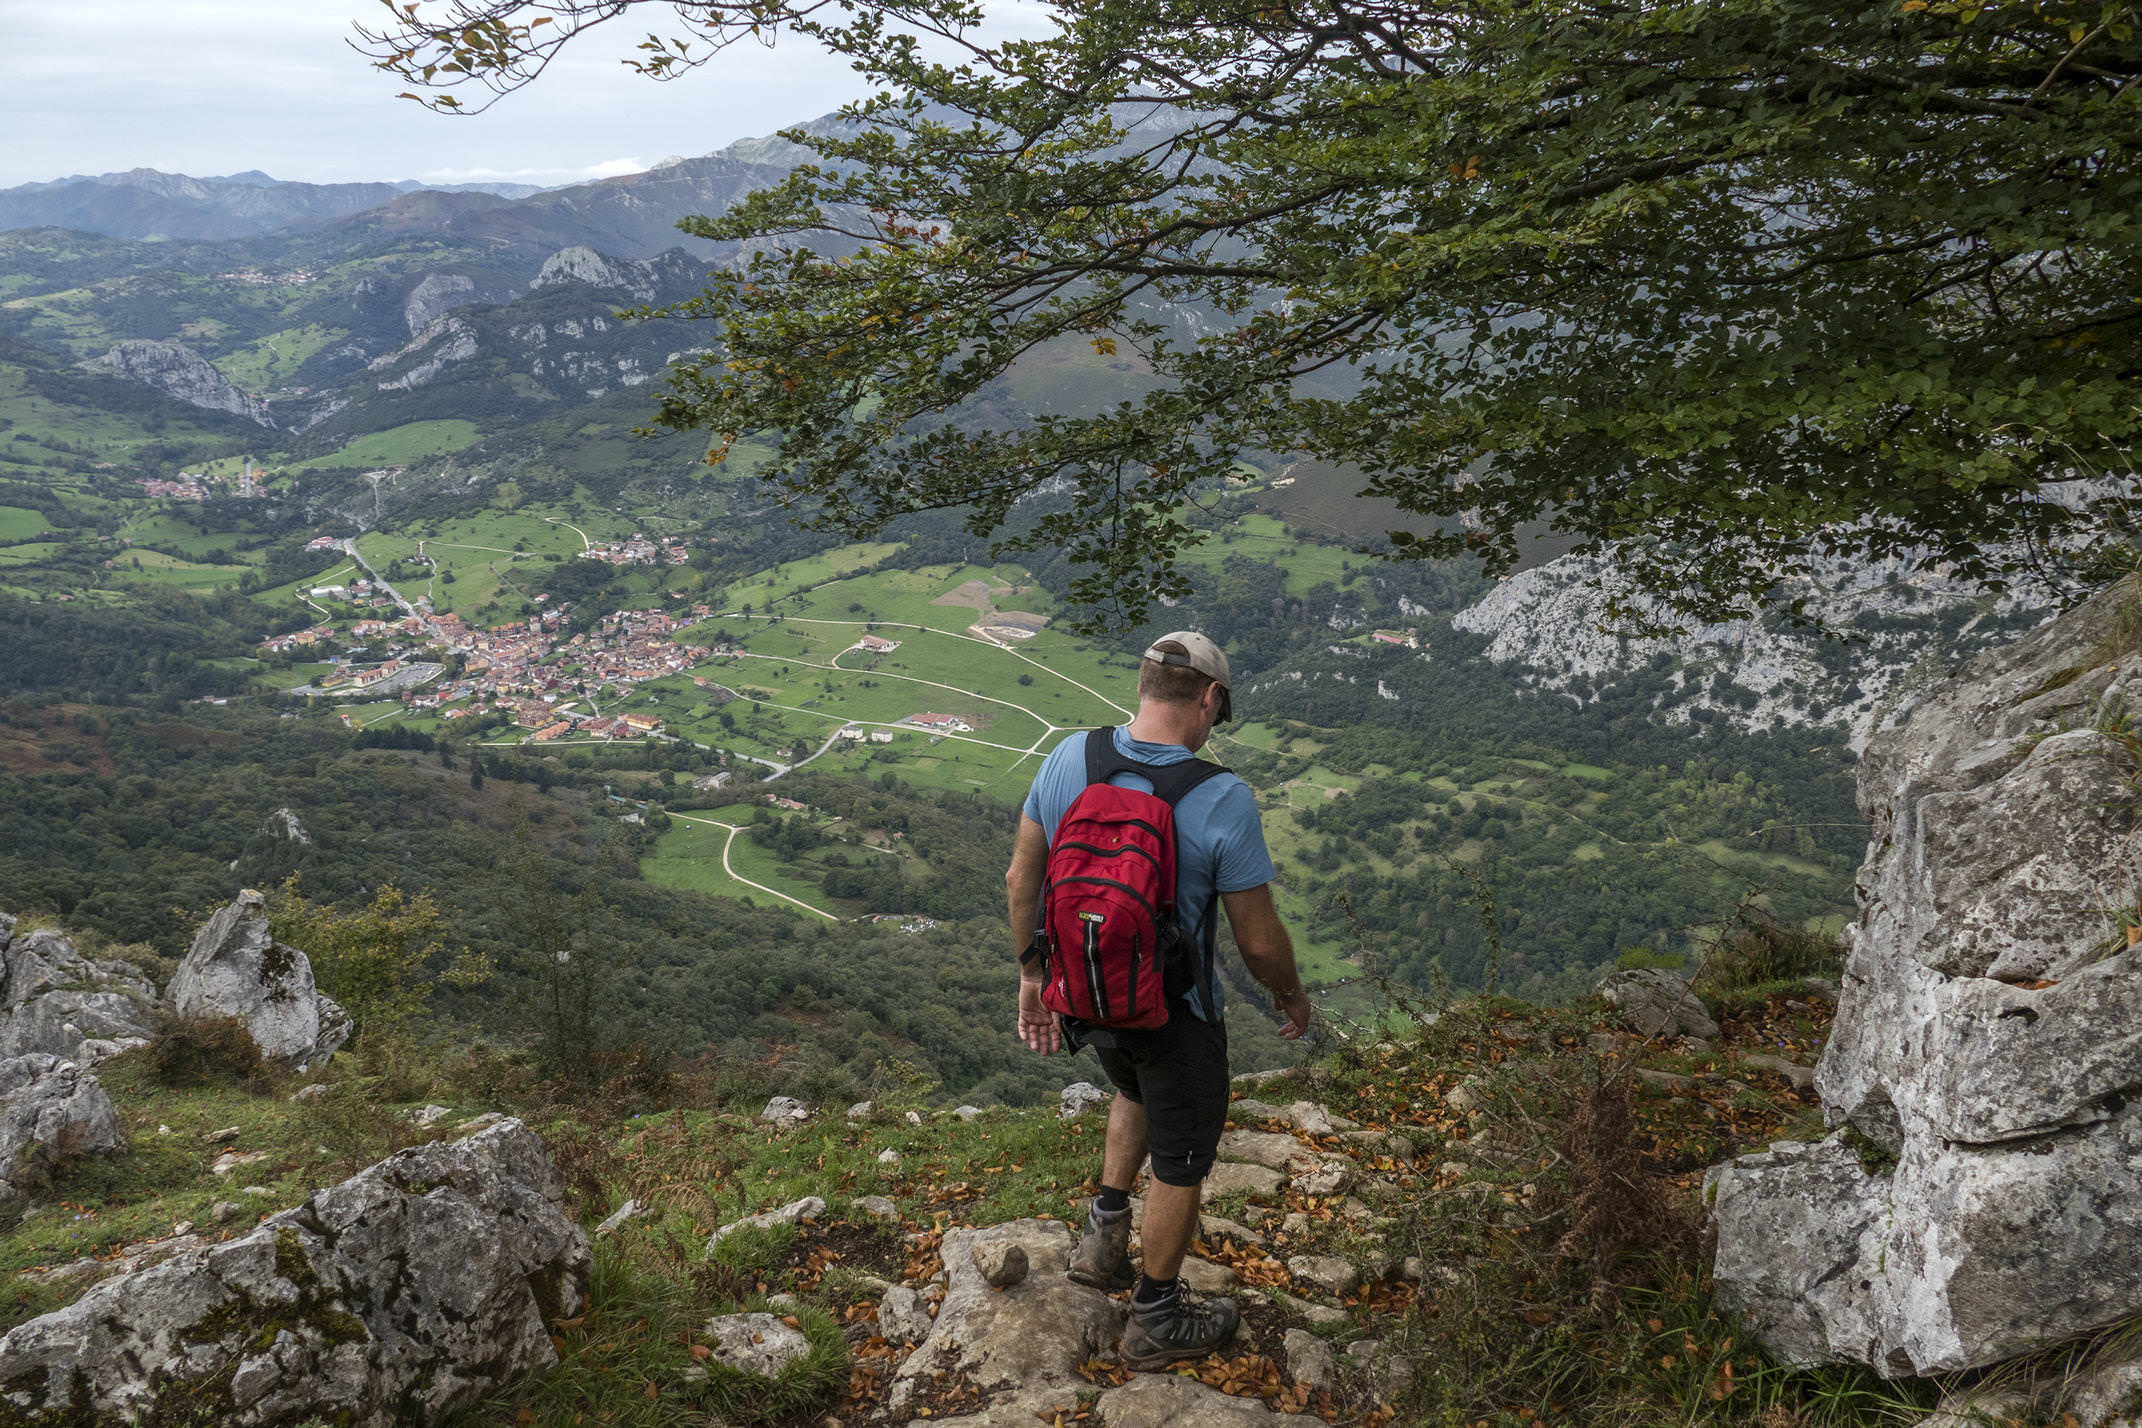 Spain picos de europa asturias cabrales caoru roman route arenas c diego